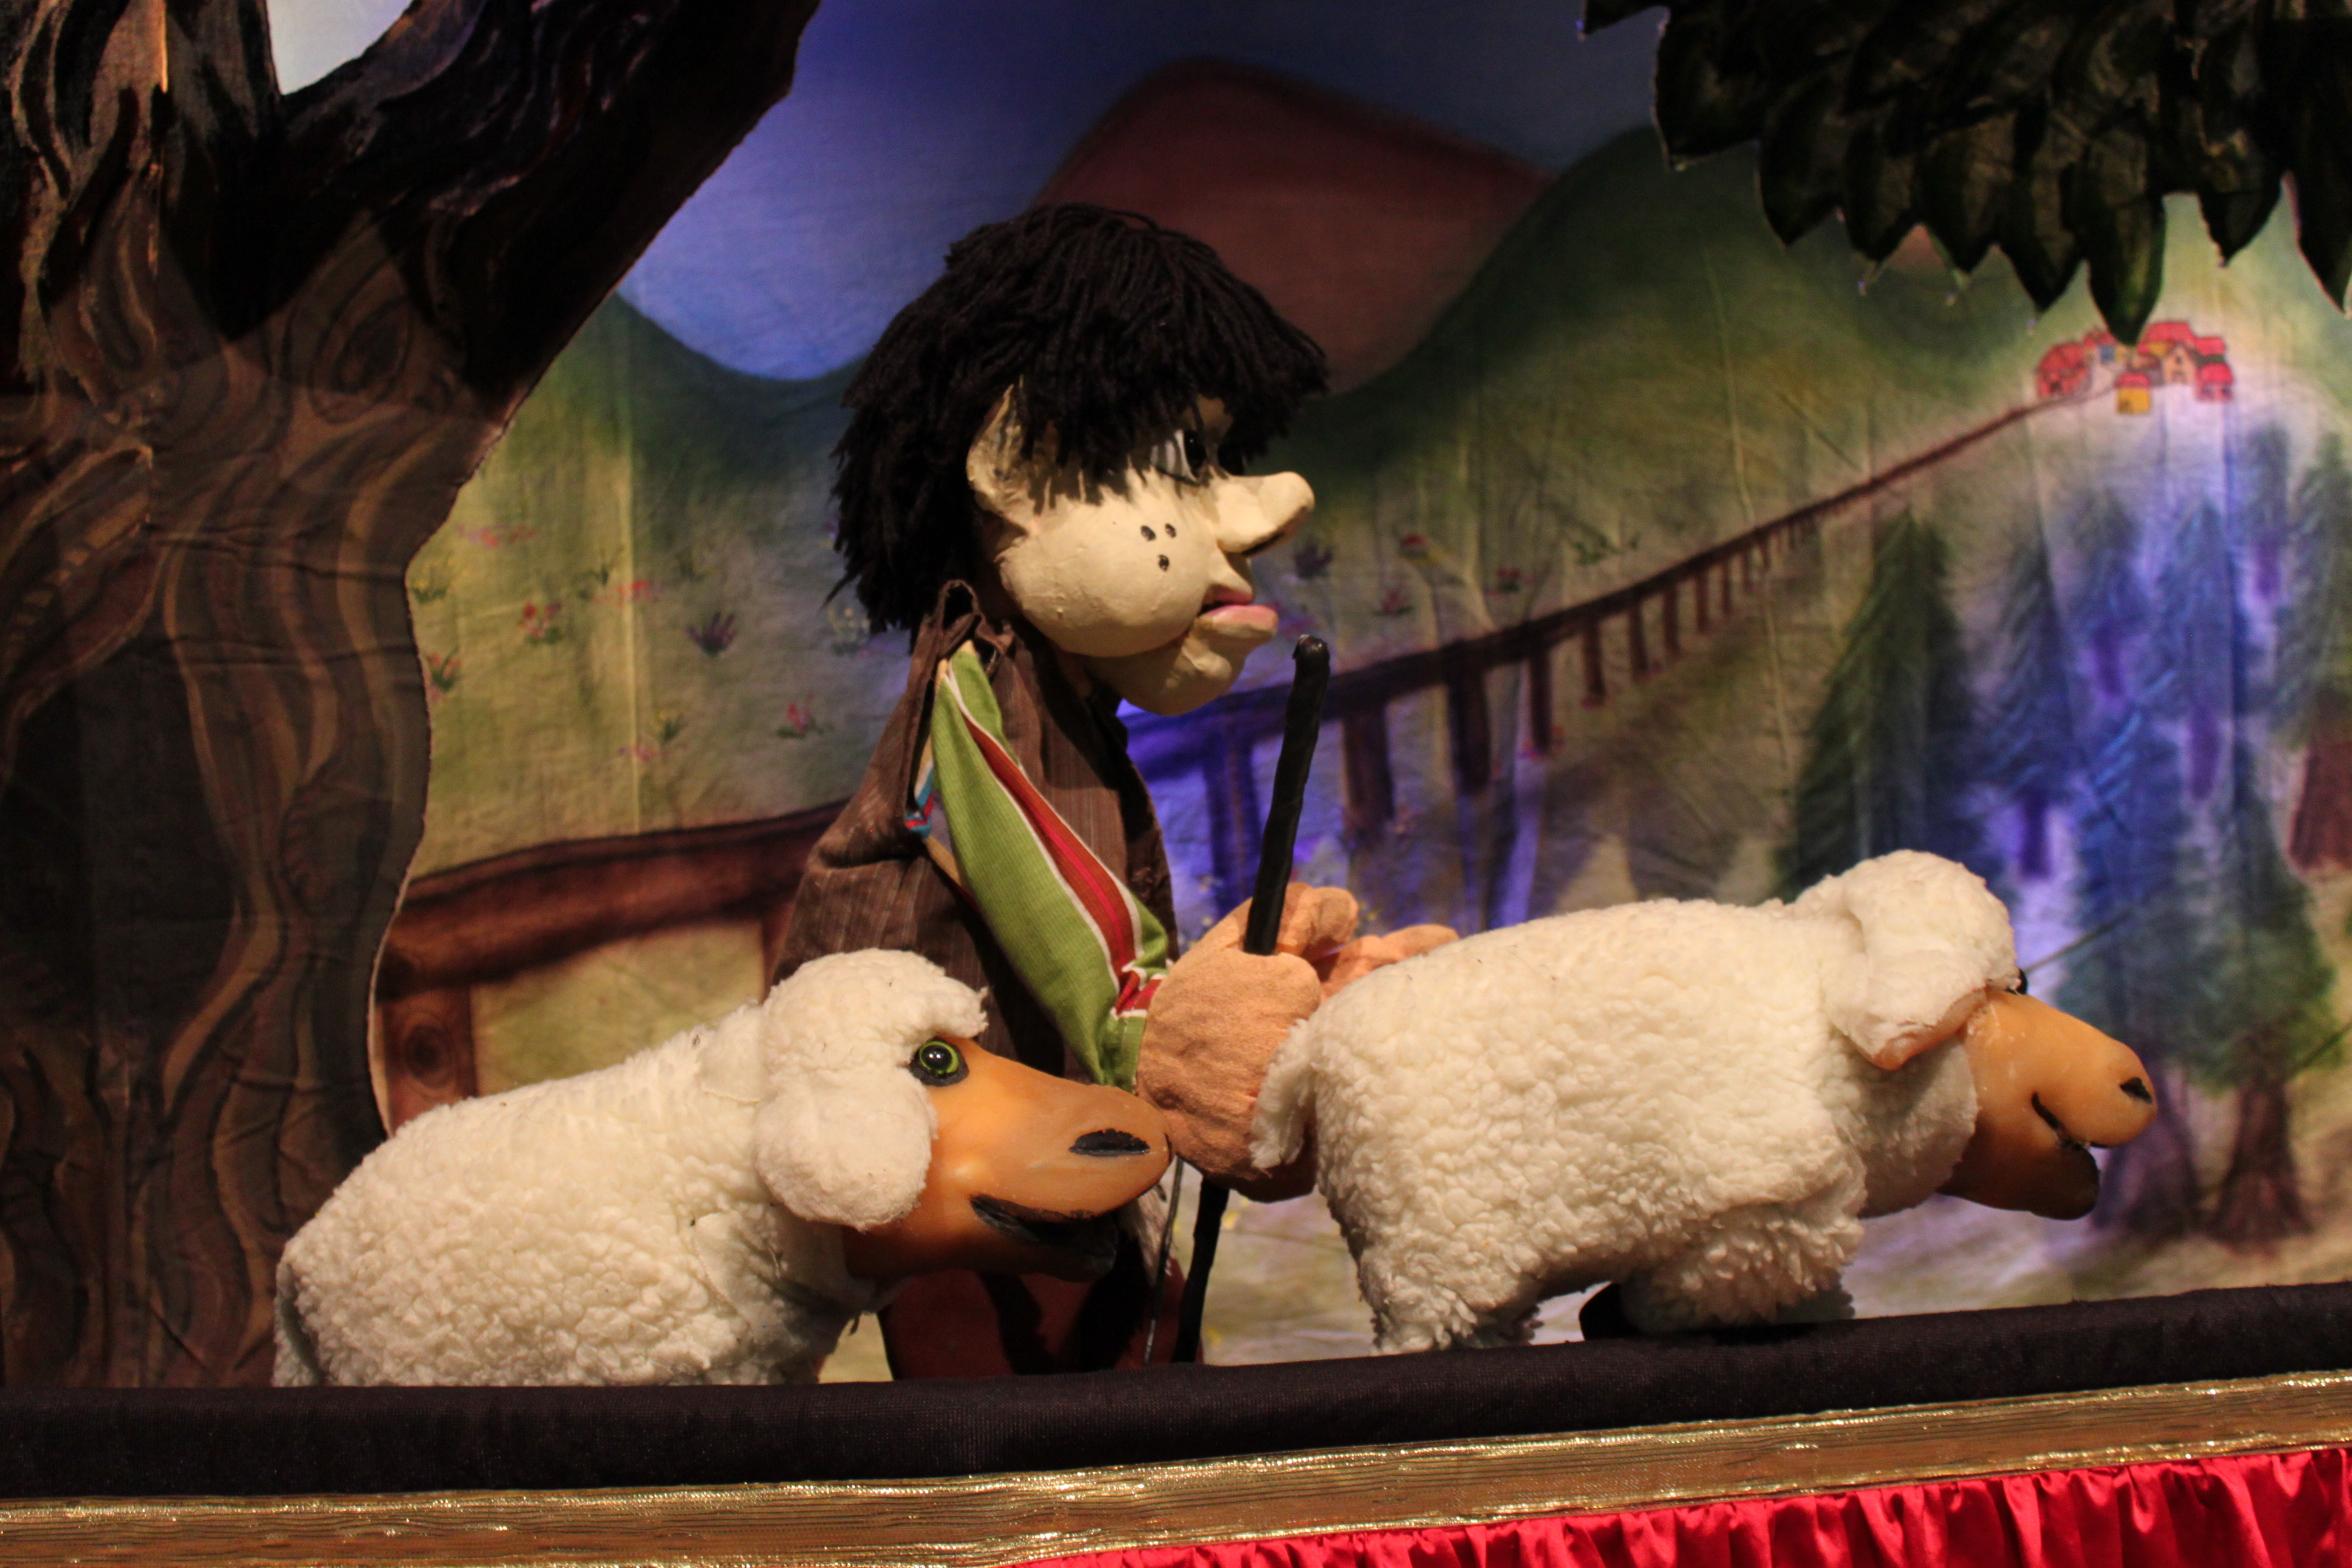 Teatro de bonecos. Pedro e o Lobo.